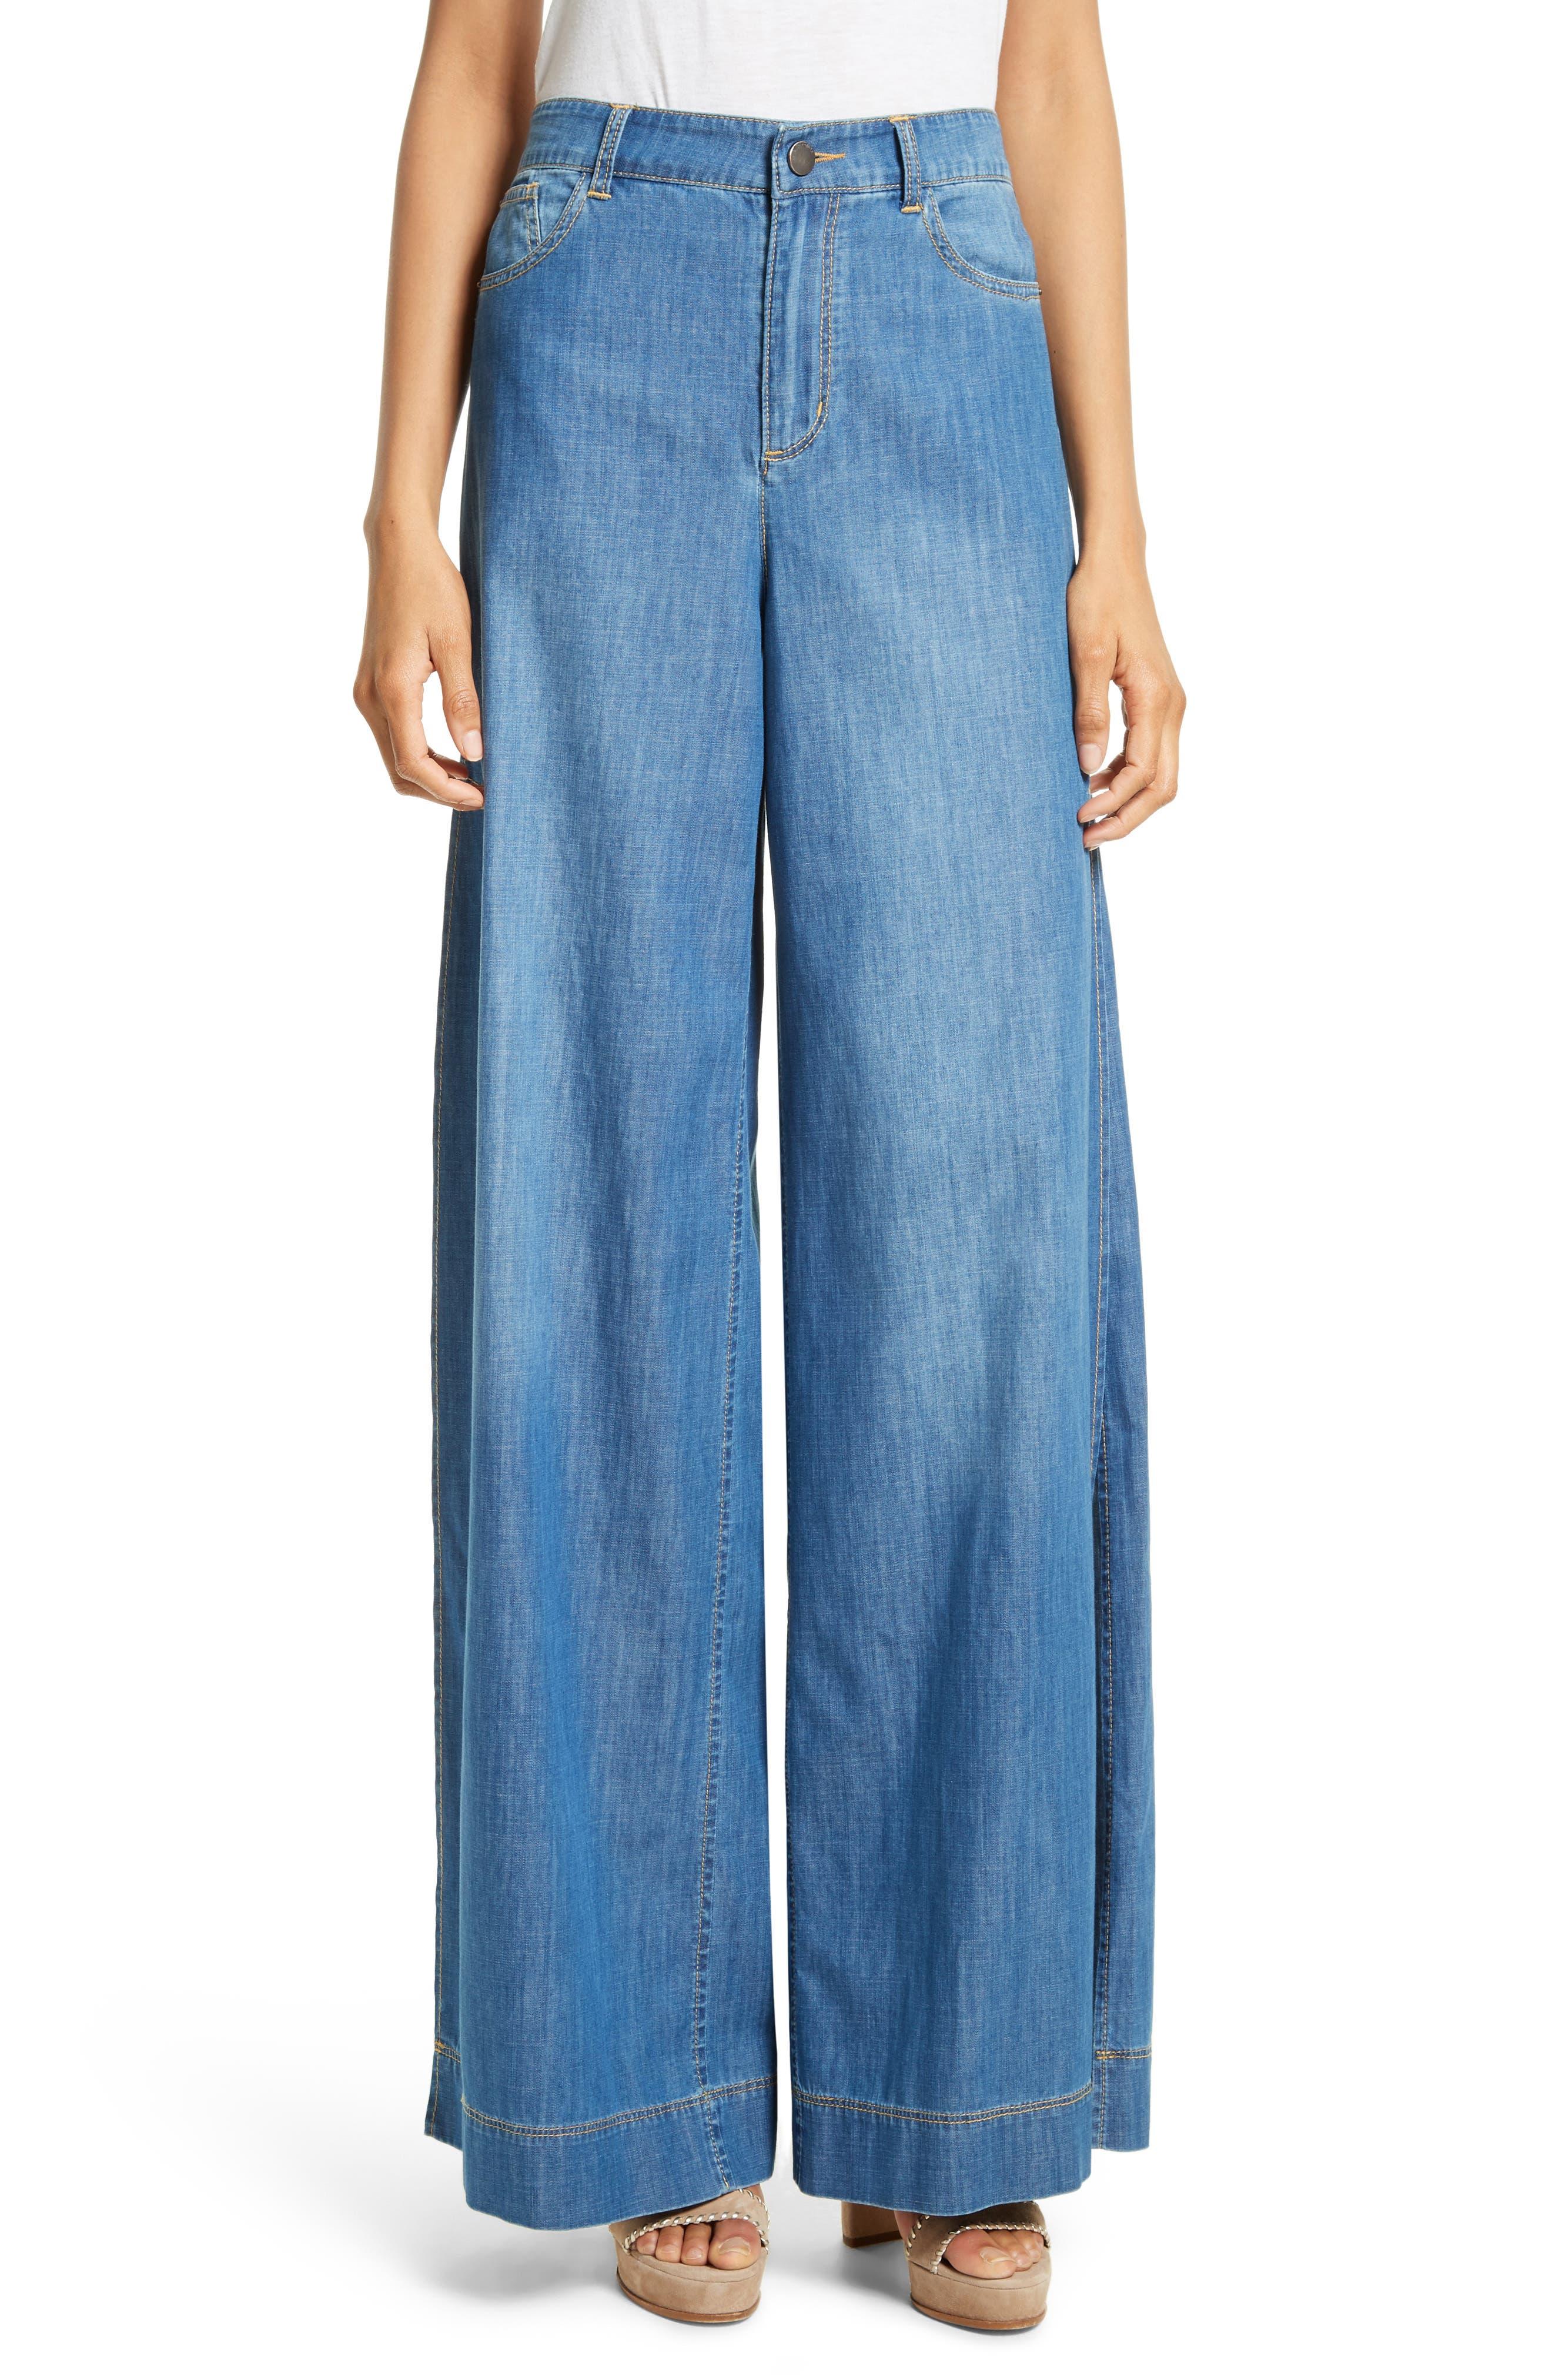 Clarissa Side Slit Wide Leg Jeans,                             Main thumbnail 1, color,                             470